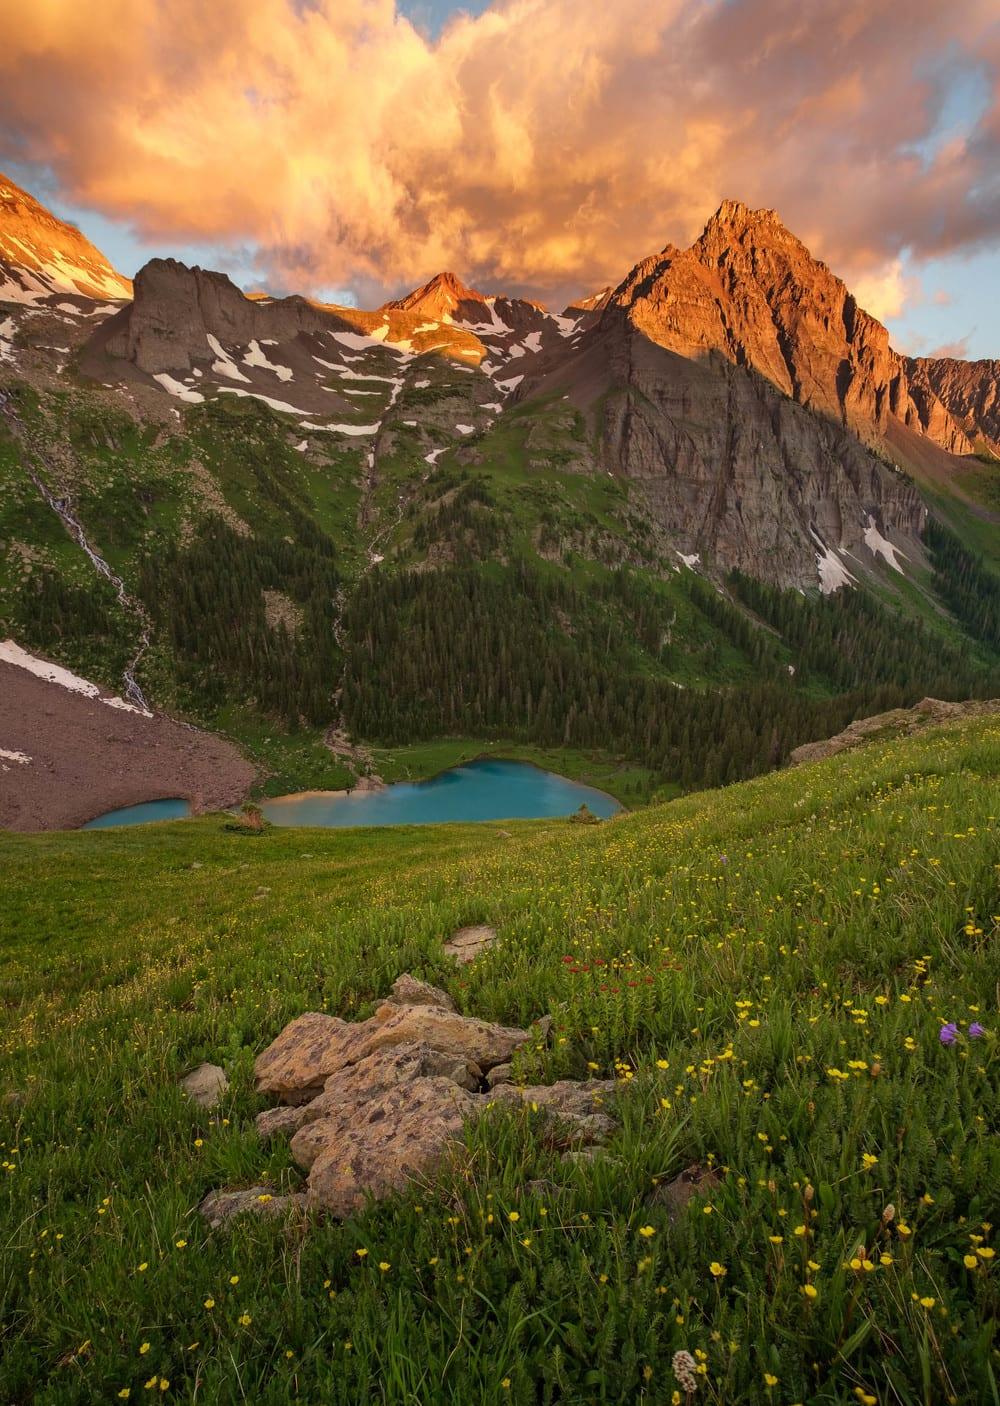 Mount Sneffels Wilderness Blue Lakes Sunrise